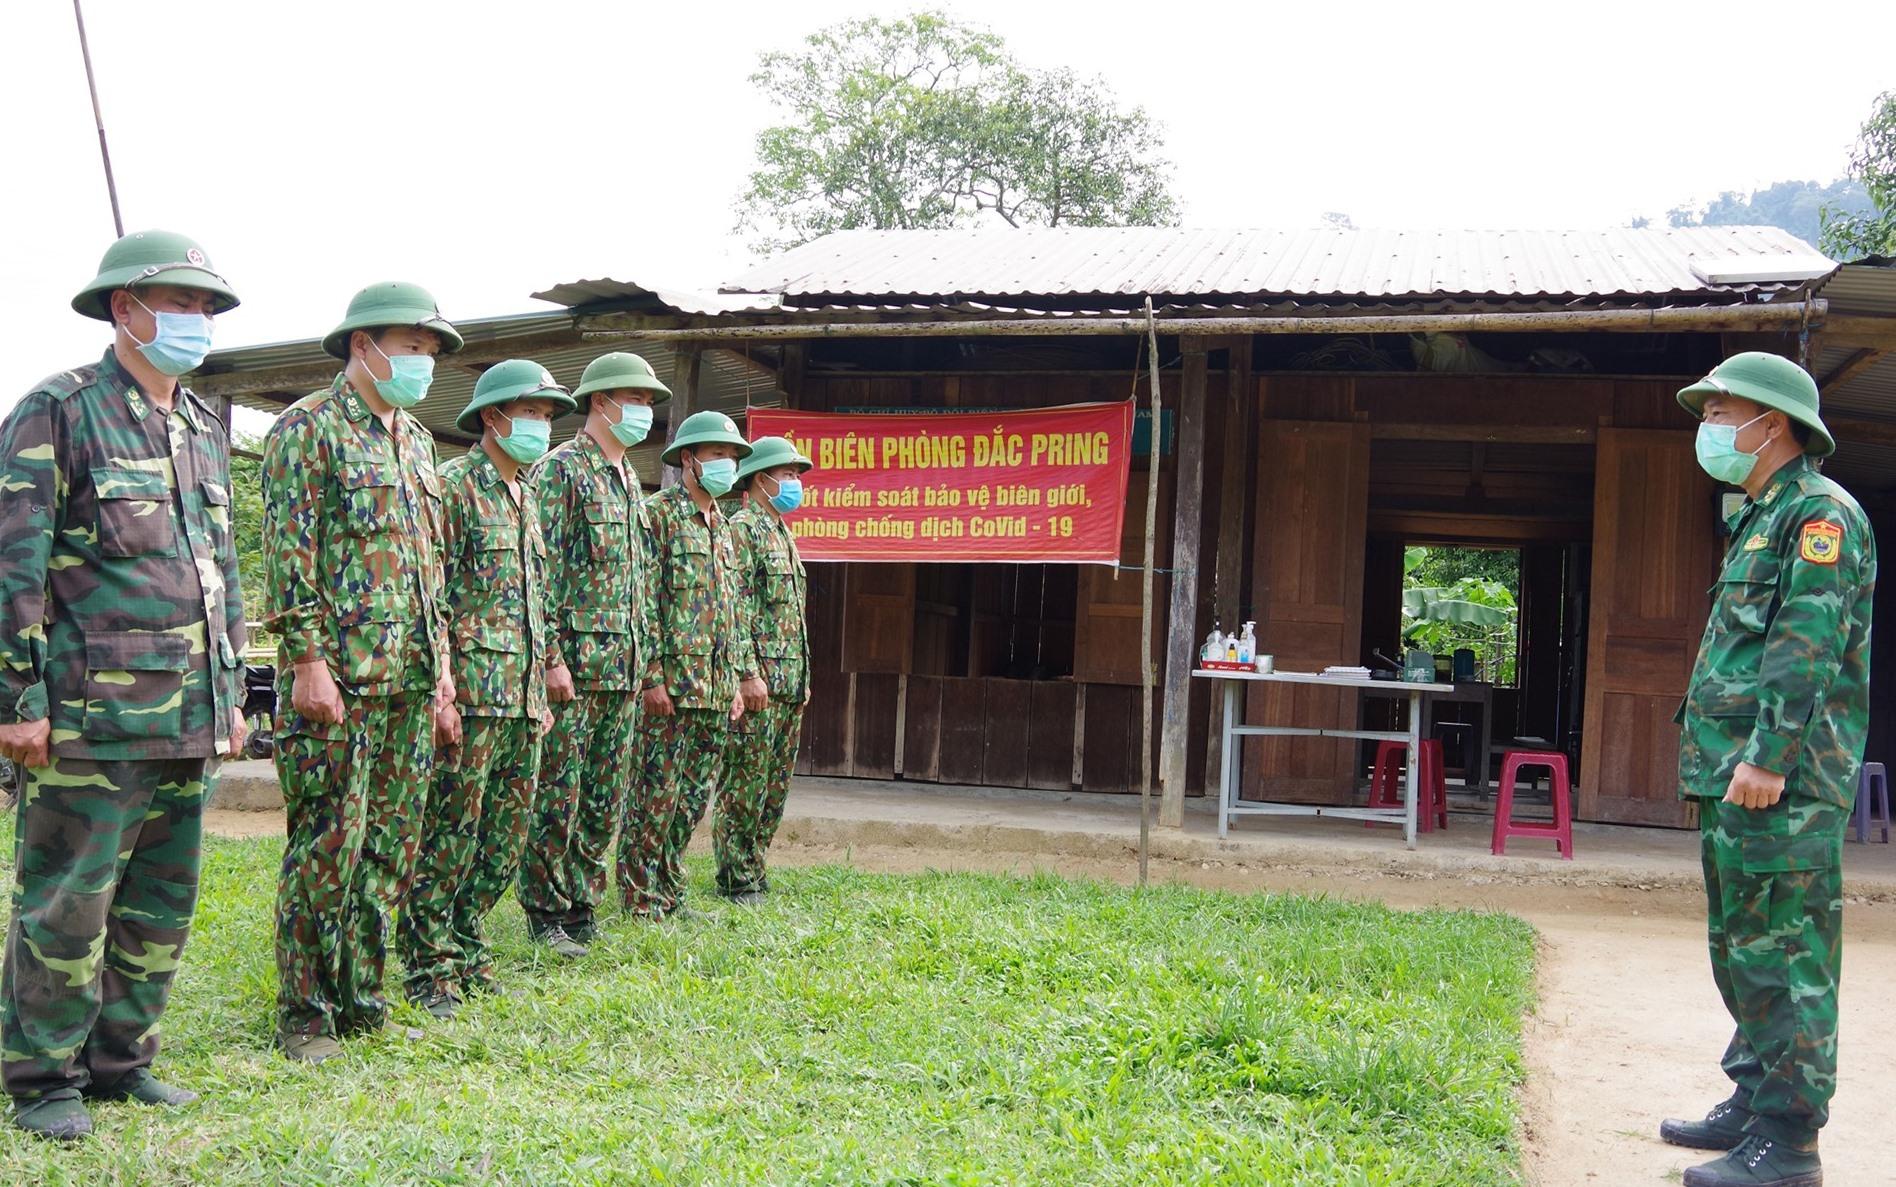 Đại tá Nguyễn Bá Thông – Chỉ huy trưởng BĐBP tỉnh giao nhiệm vụ cho lãnh đạo Đồn Biên phòng Đắc Pring và CBCS đang cắm chốt tại thôn Pêtapoóc. Ảnh: HUỲNH CHÍN